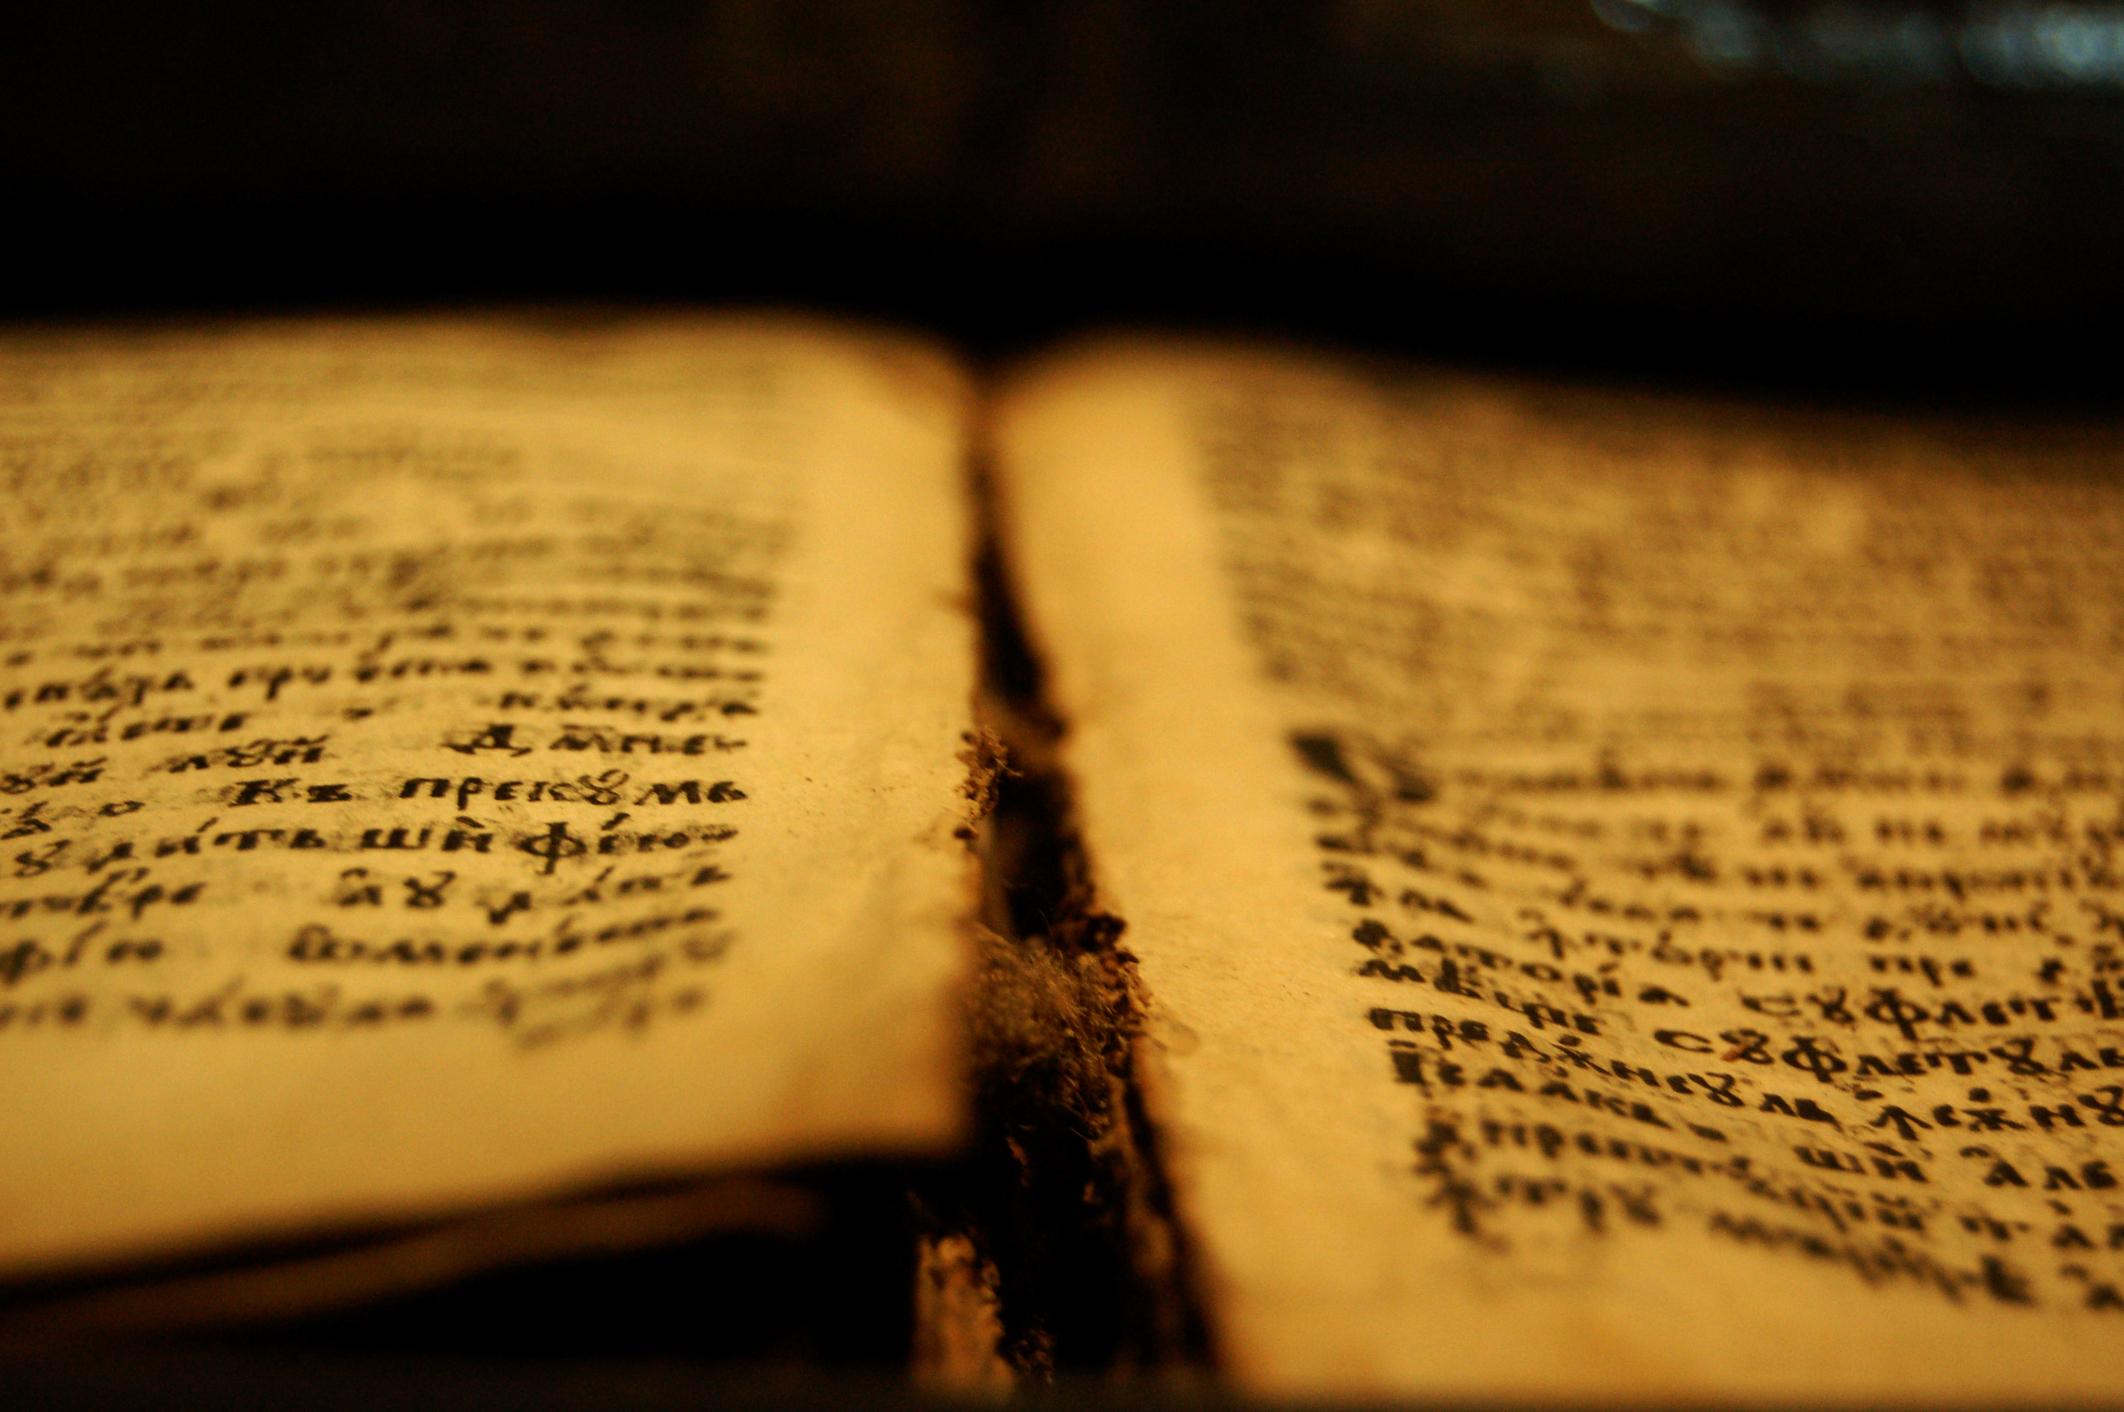 آیا در انجیل پیش از تحریف، مطلبی راجع به امام حسین (ع) آمده است؟